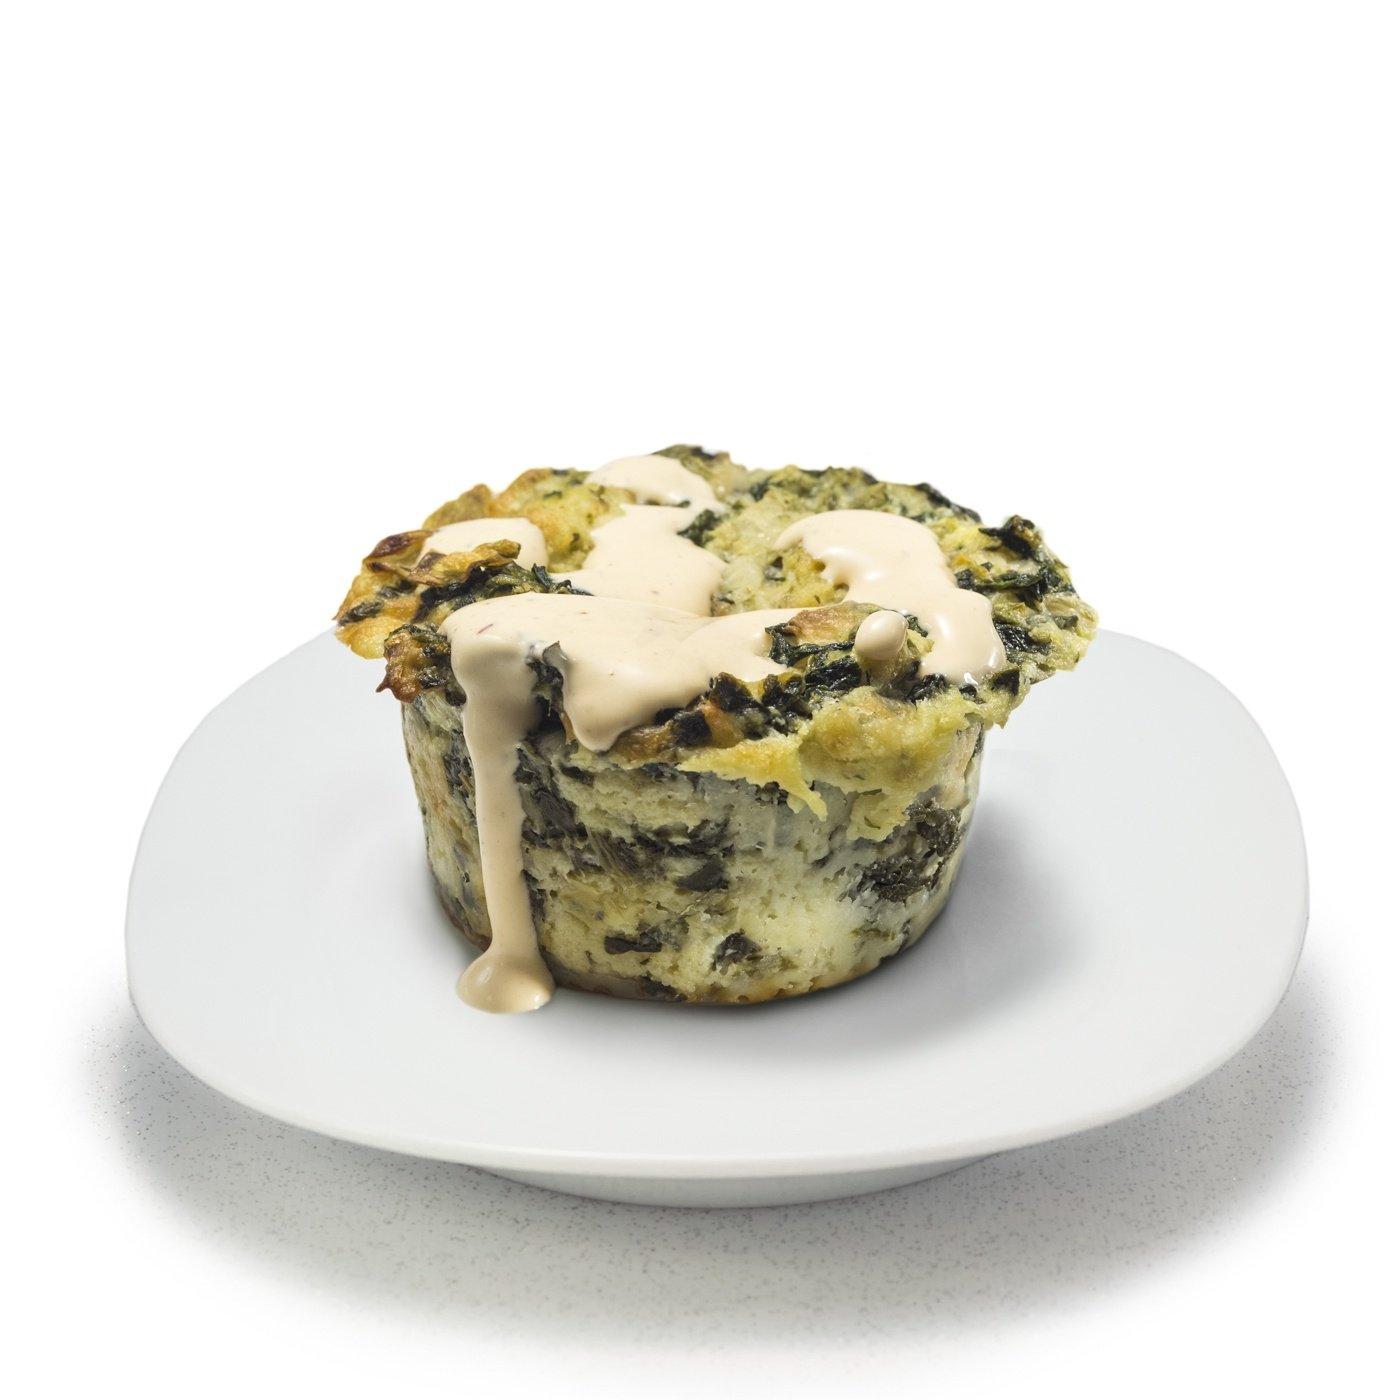 Spinach & Artichoke Bread Pudding